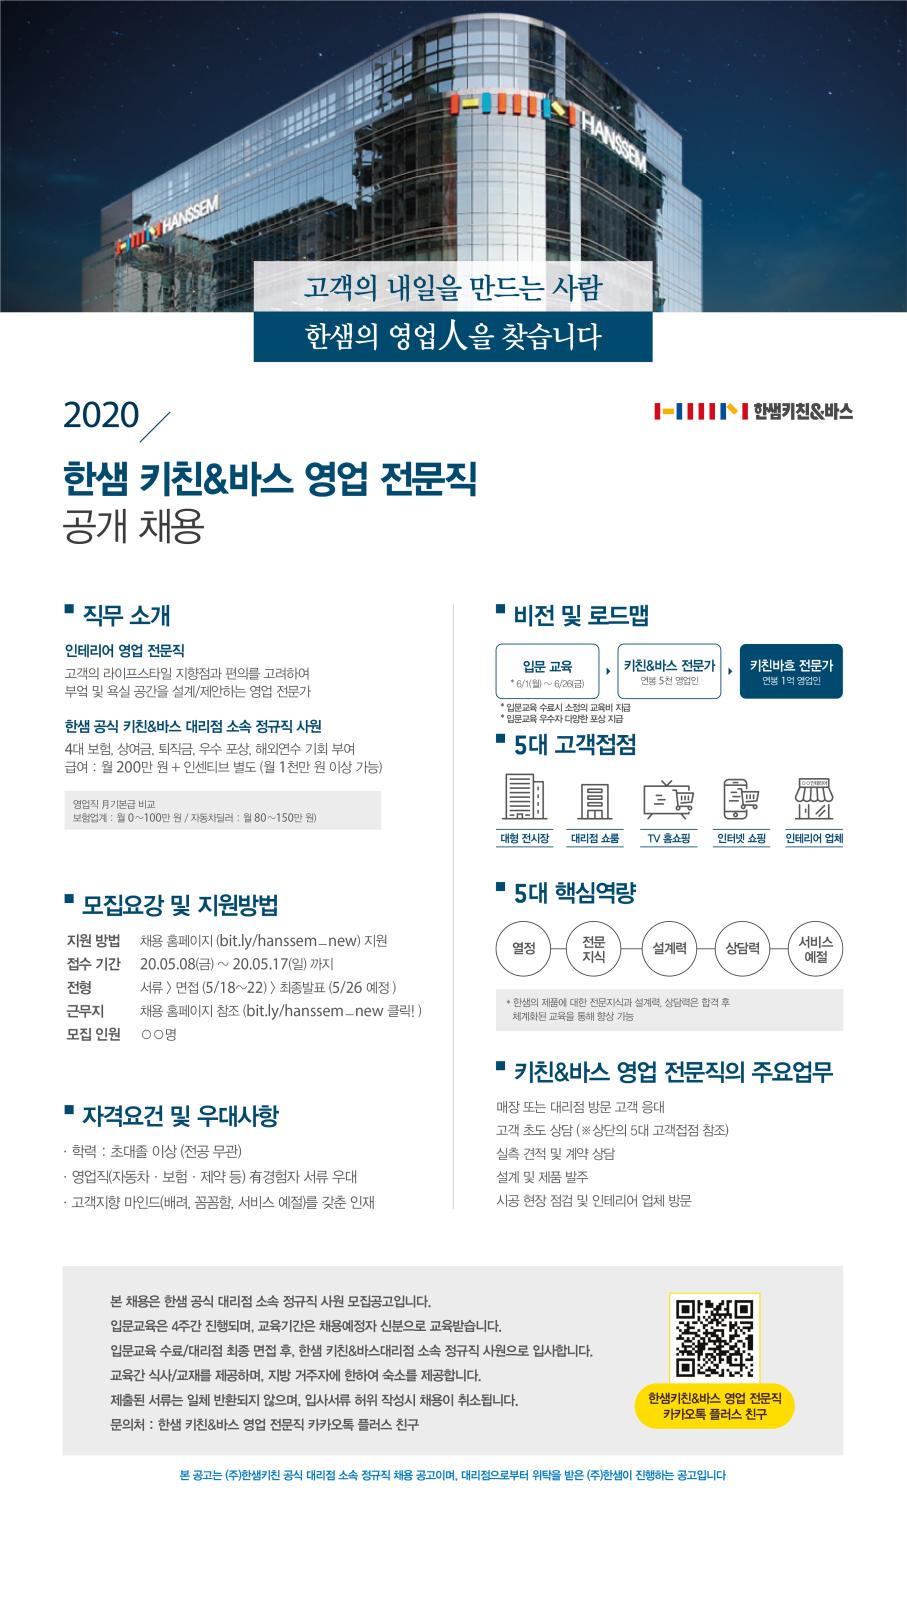 2020 한샘 키친&바스 영업 전문직 공개채용 (5월).png